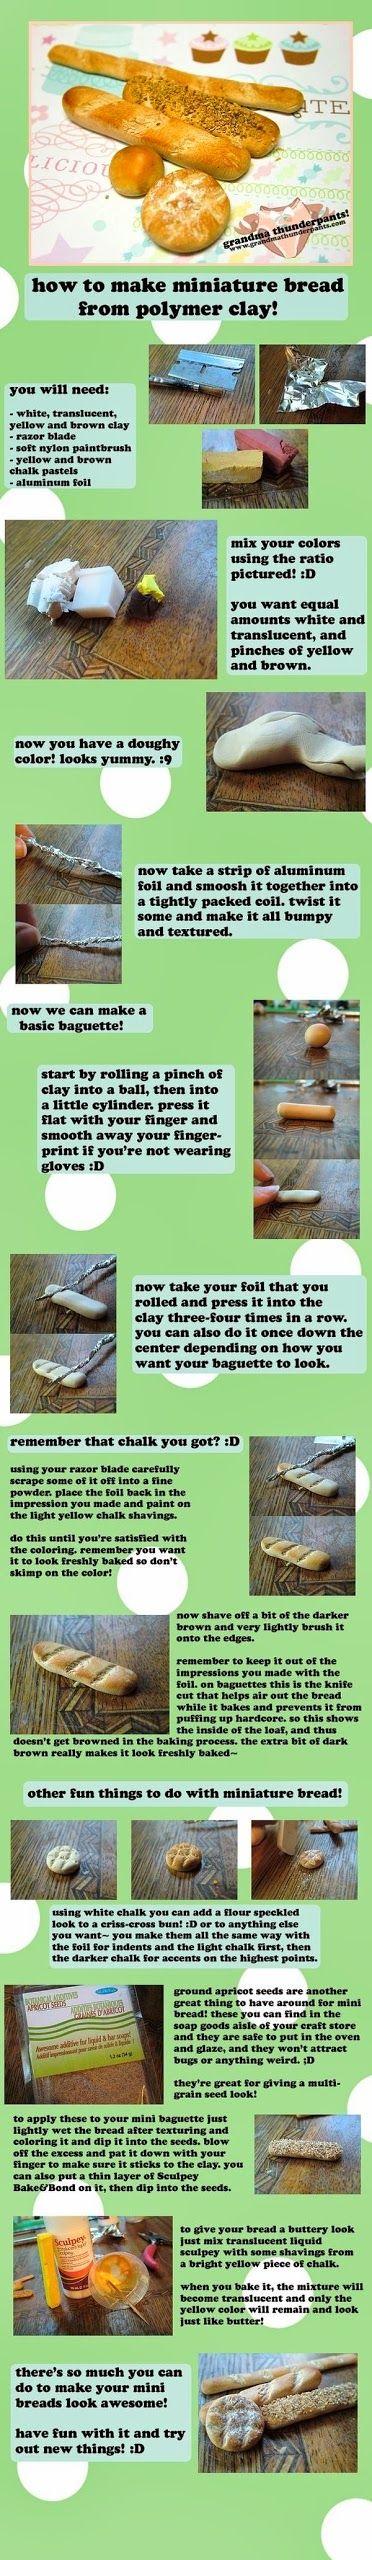 El hada de los cuentos: 2 tutoriales fáciles para hacer comida en miniatura.